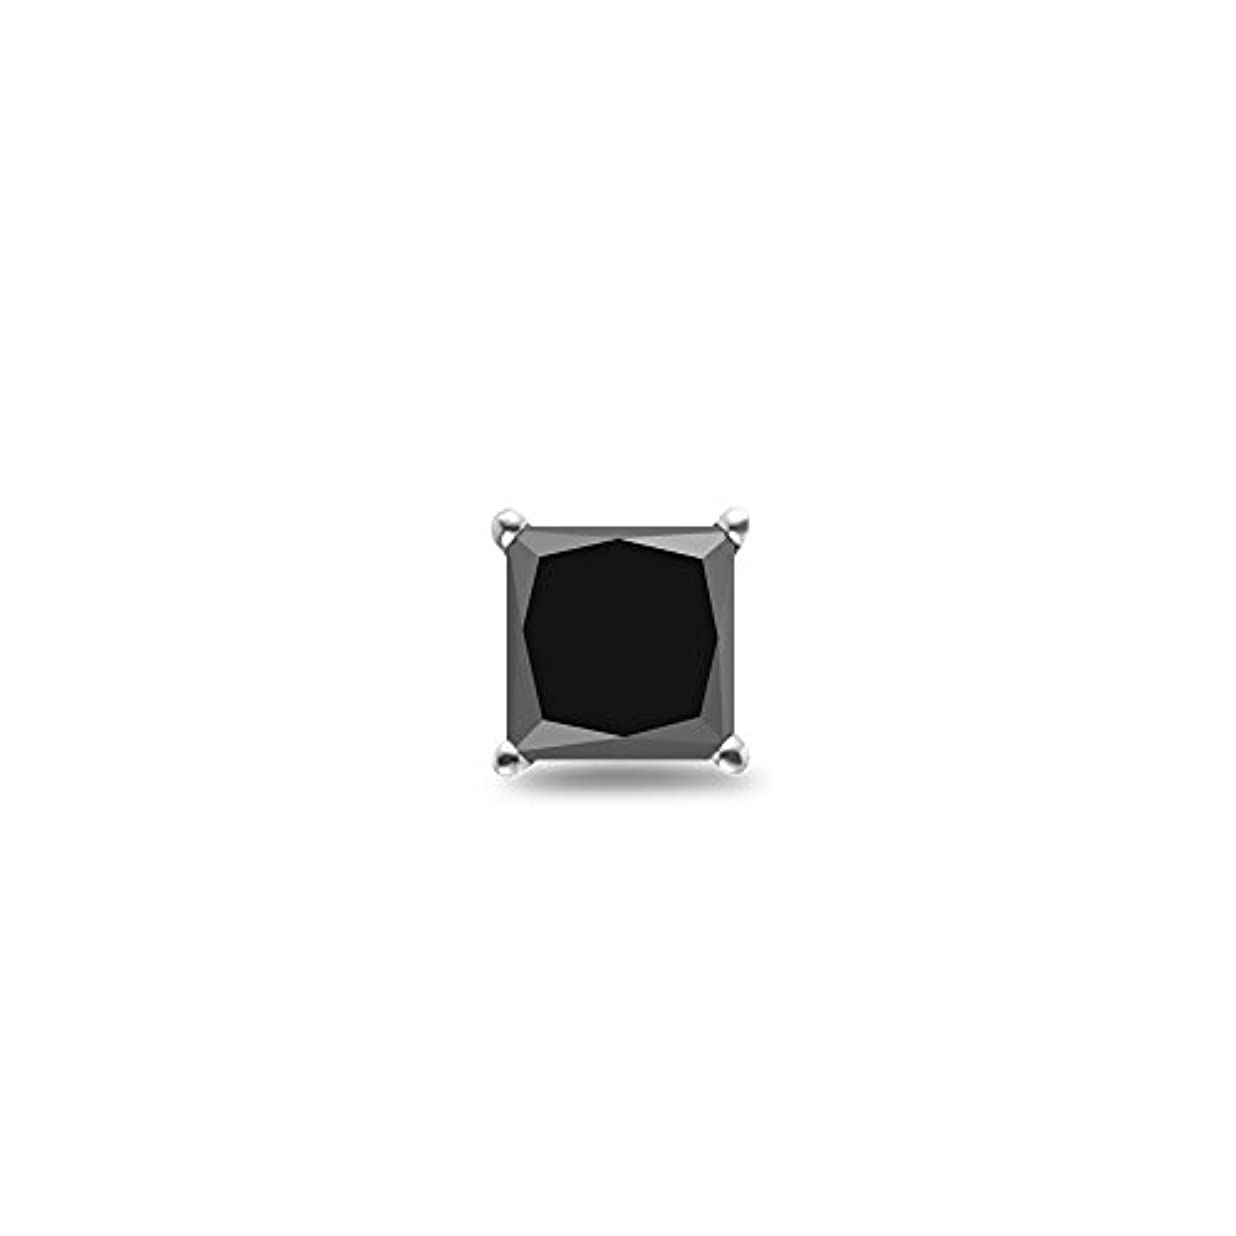 請負業者ポーズグループHoliday Deal on 1 / 2 ( 0.46 – 0.55 ) CTSの3.60 – 4.00 MM AAAプリンセスブラックダイヤモンドメンズスタッドイヤリングで14 Kホワイトゴールド